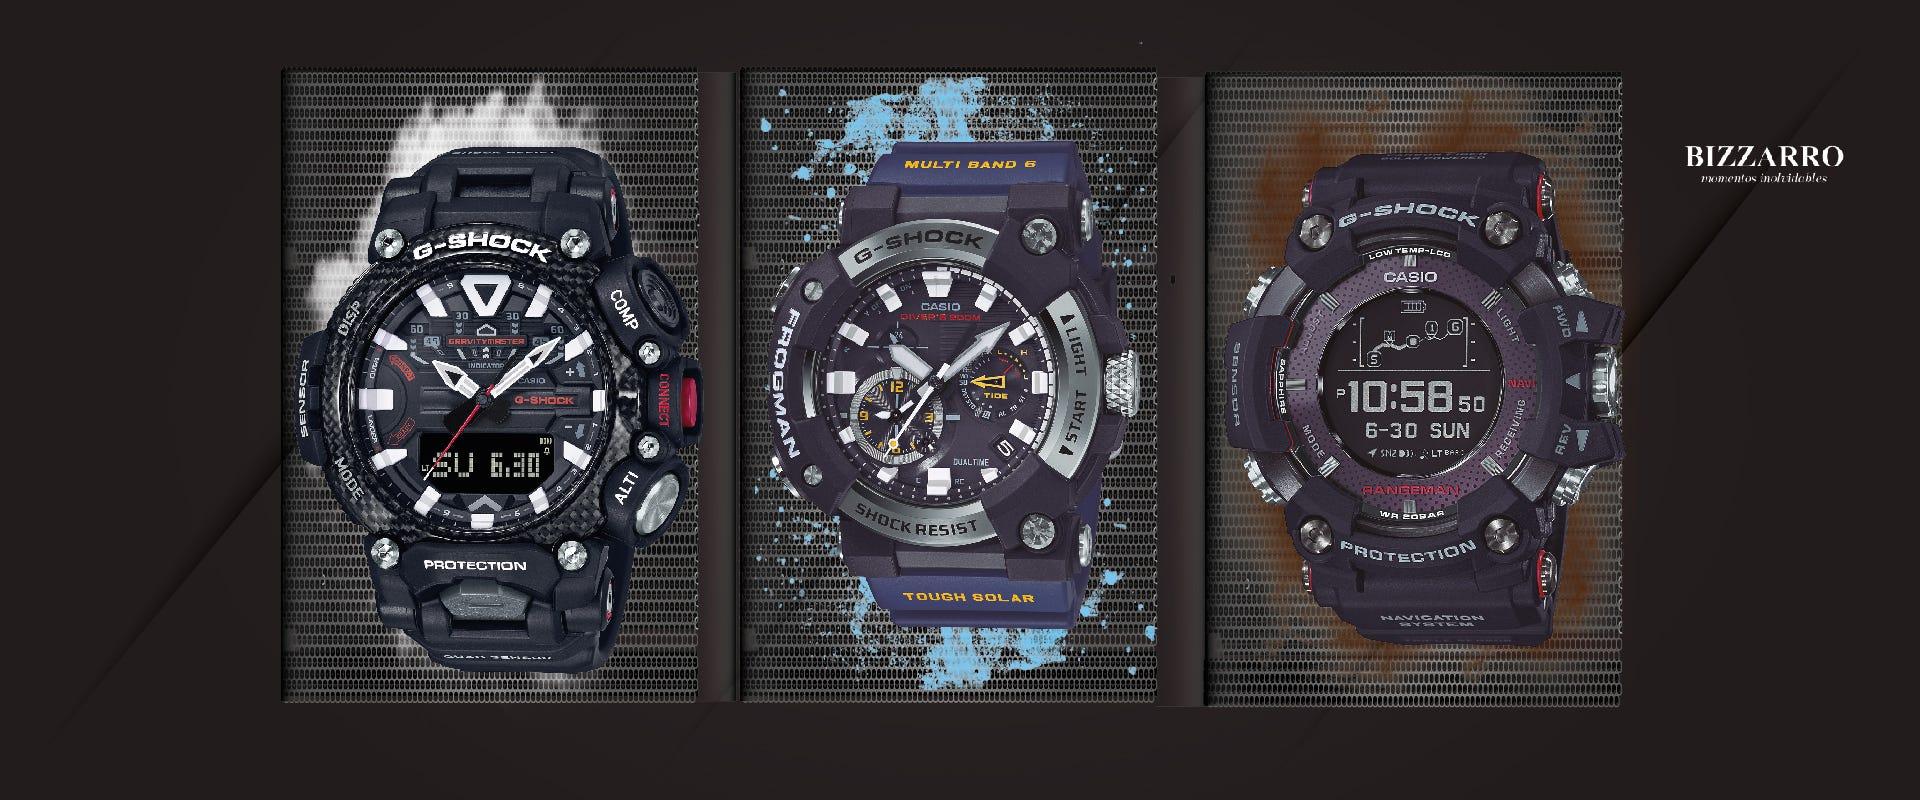 Relojes G-SHOCK dominan cualquier terreno, nada es un obstáculo